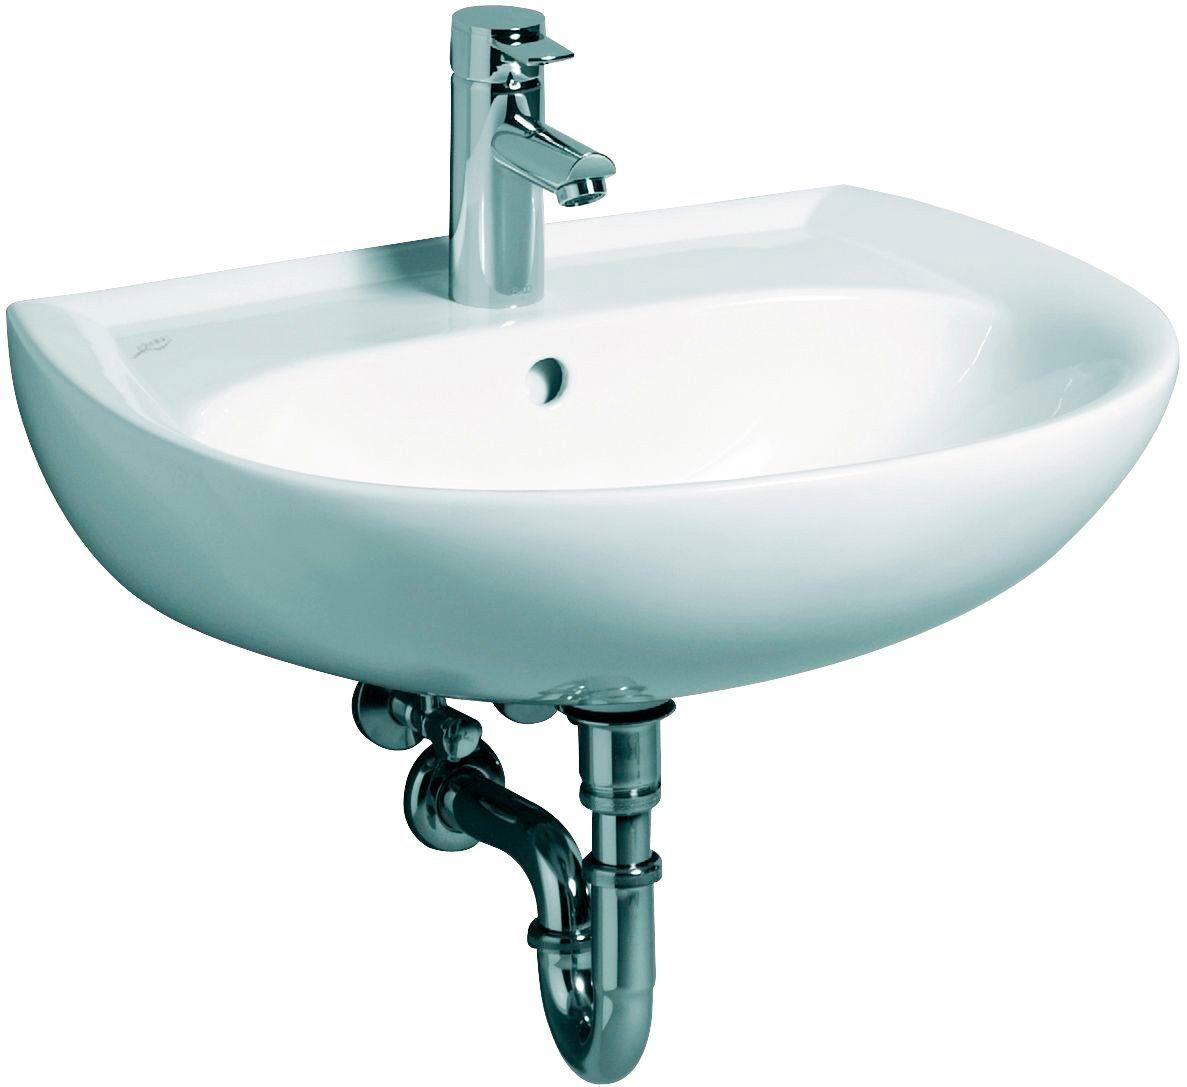 KERAMAG Waschbecken »Renova Nr. 1«, Breite 60 cm, mit Kera-Tect®